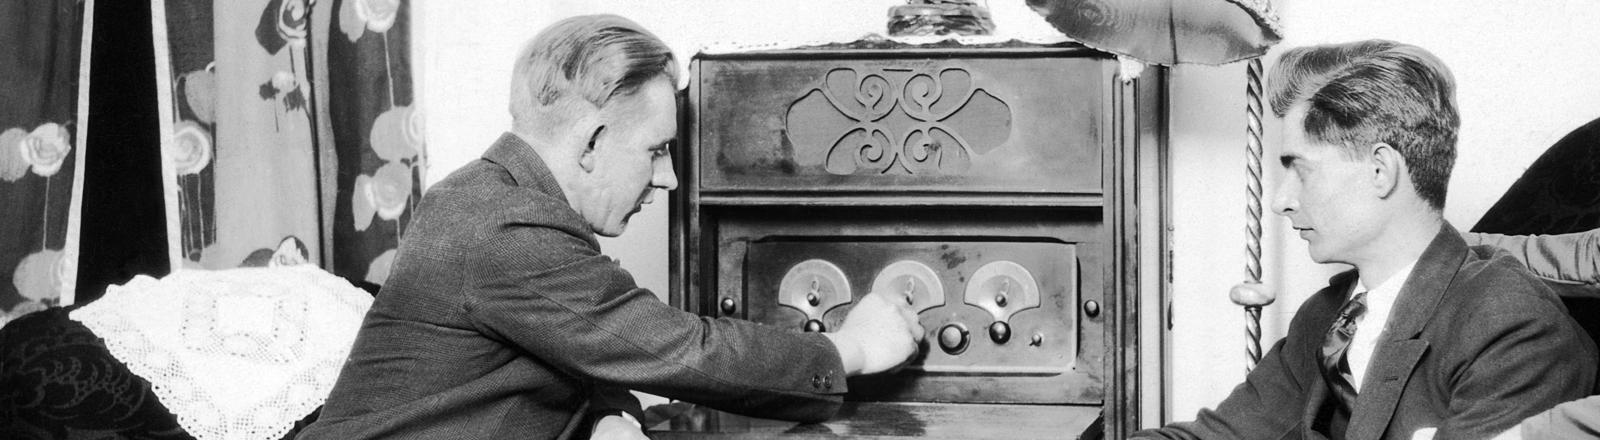 Zwei Männer und eine Frau hören Radio, 1920er Jahre. Deutschland